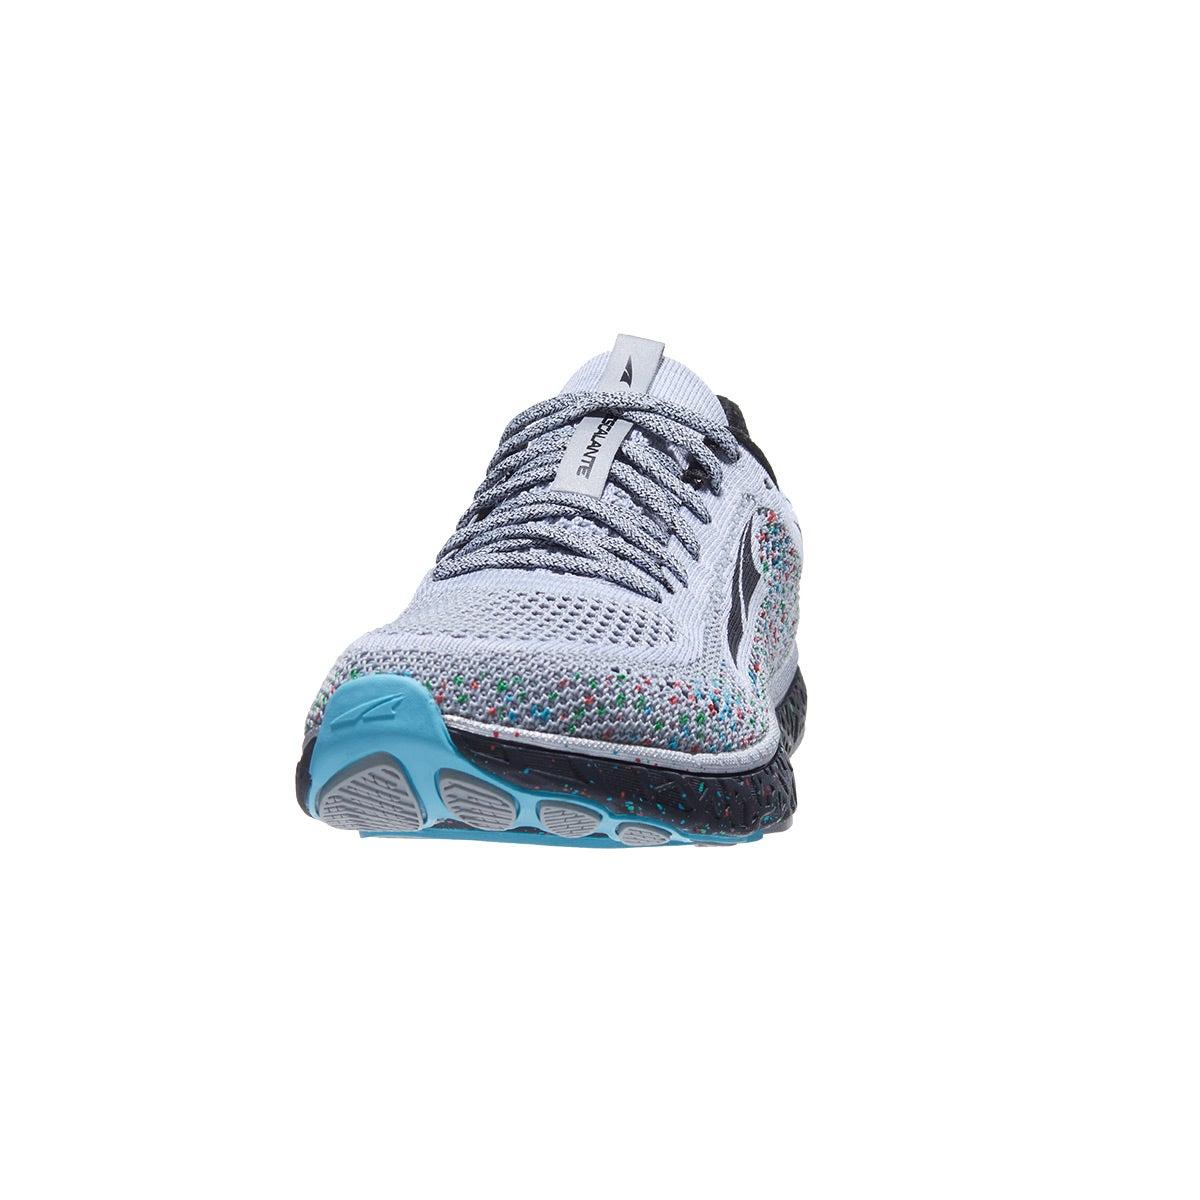 Altra Escalante Racer Men's Shoes NYC